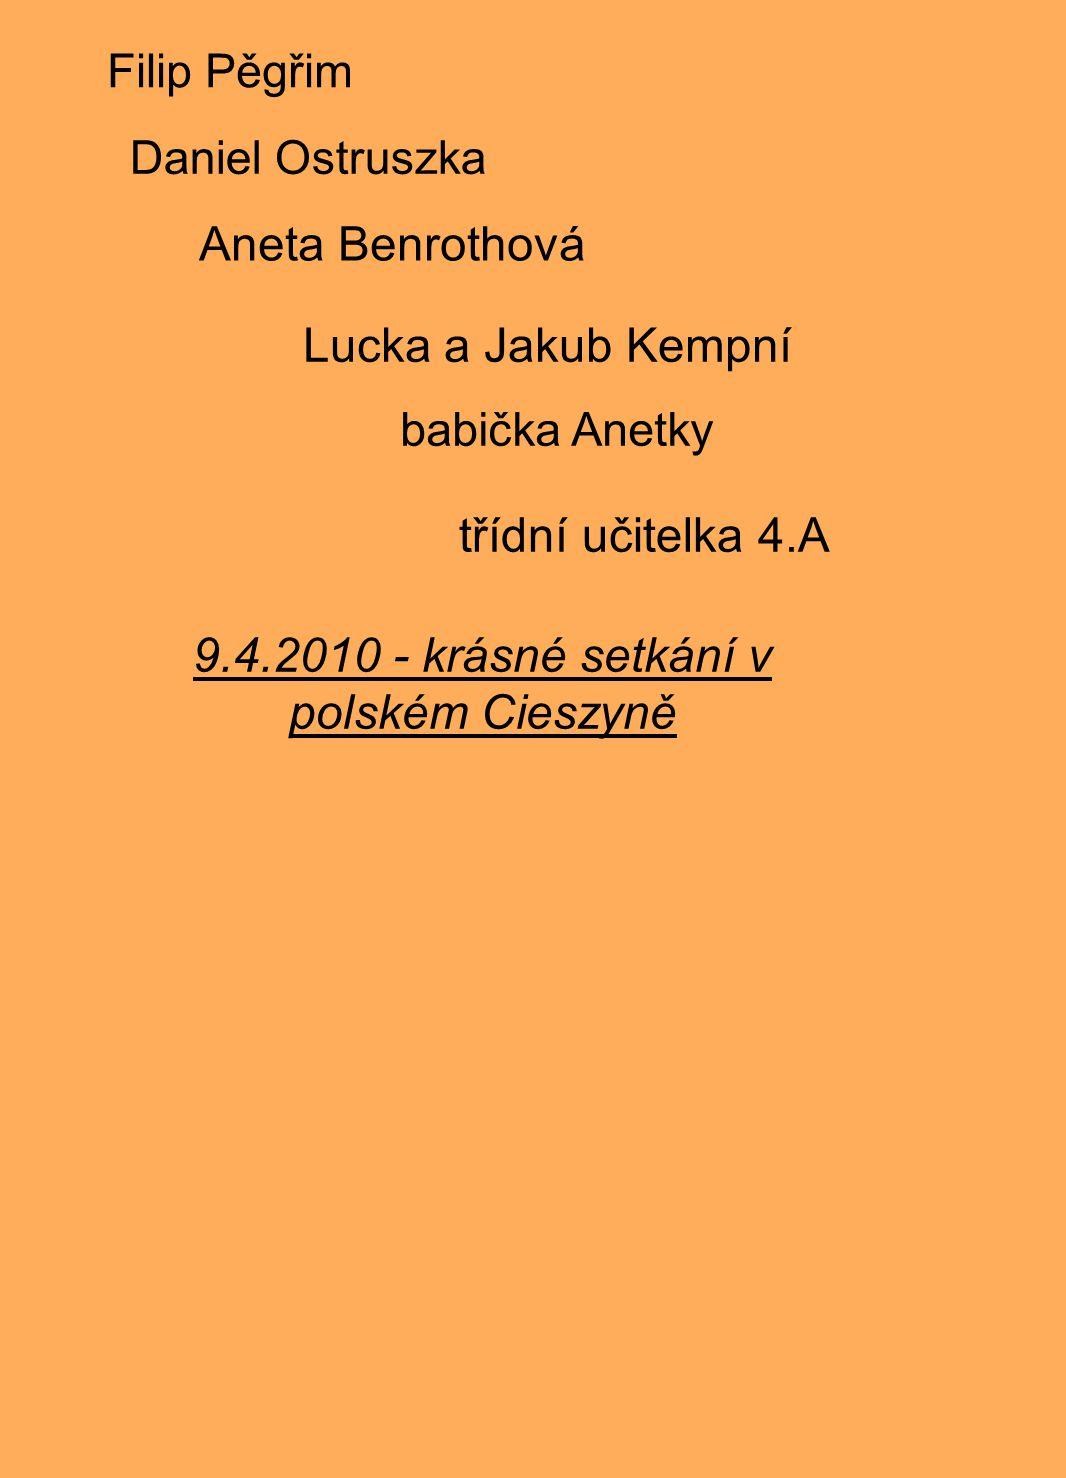 9.4.2010 - krásné setkání v polském Cieszyně